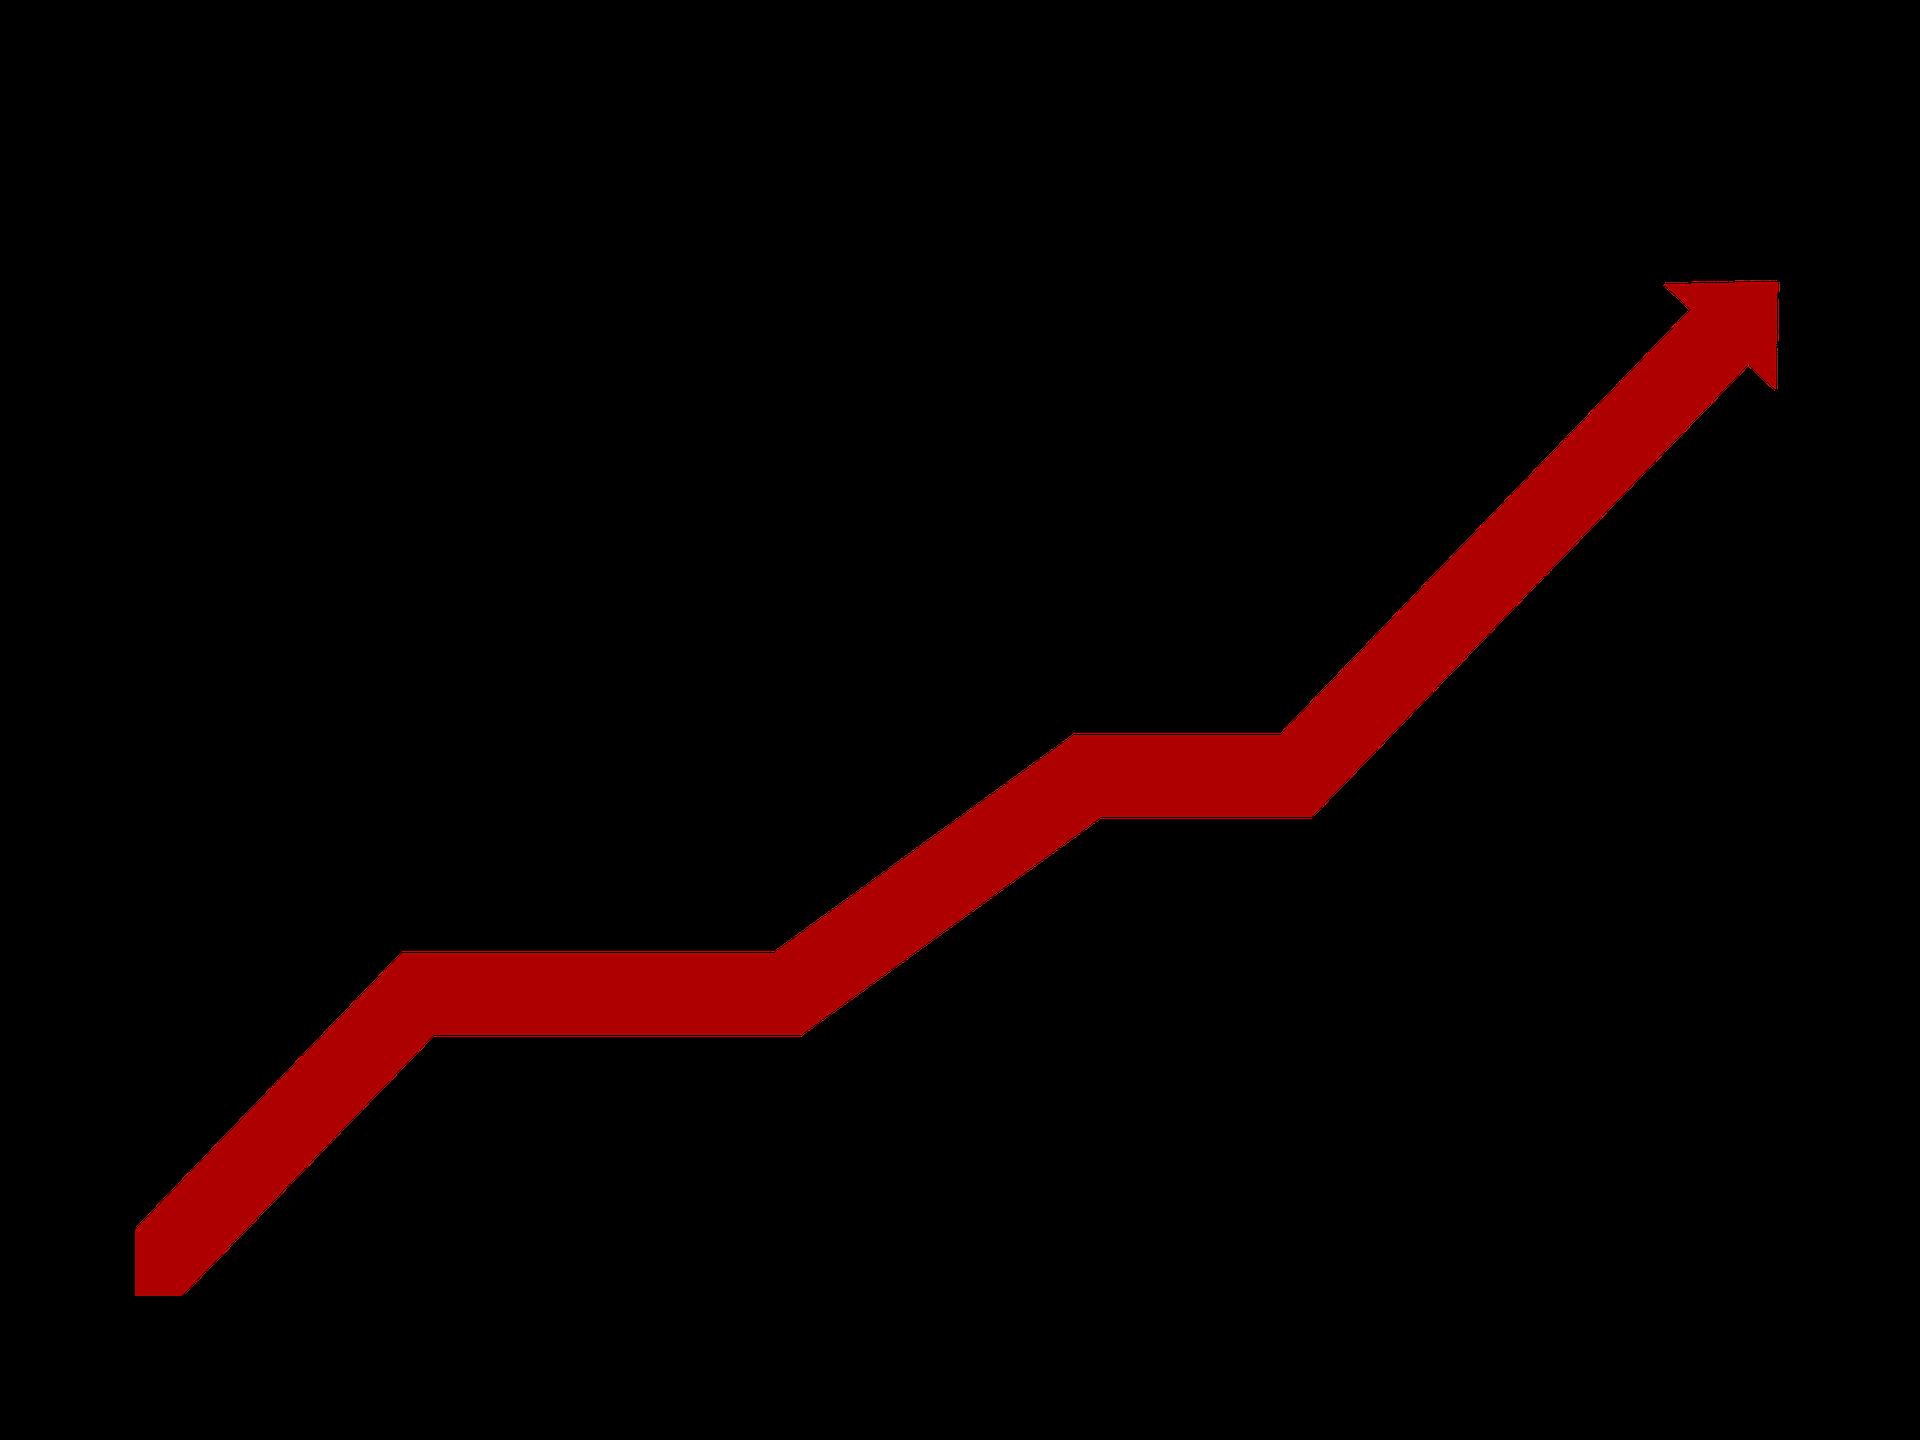 chart-2741952_1920